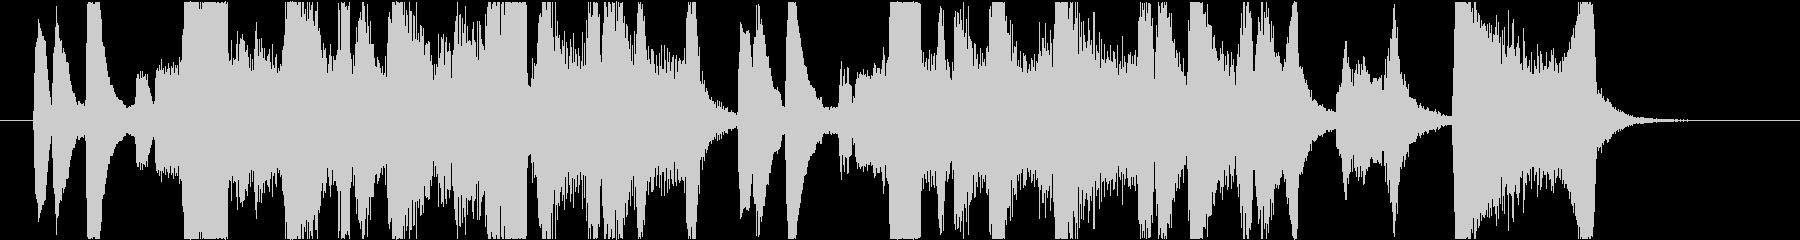 ダークでかっこいいブラスイントロの未再生の波形